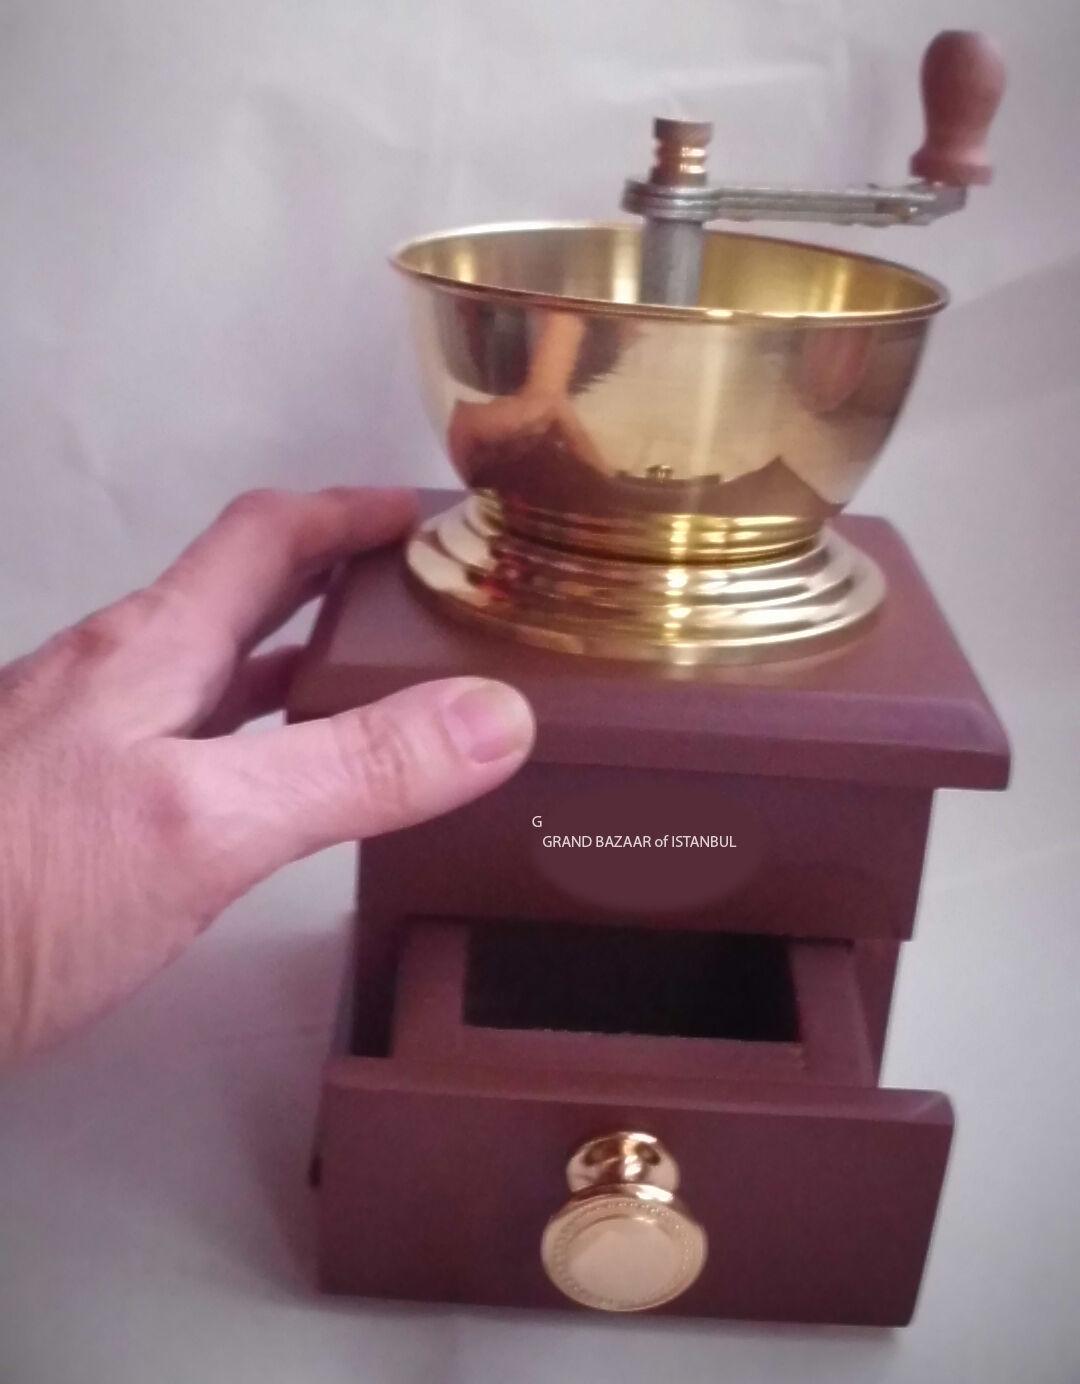 Crank grain de café moulin turque, rémouleur, Logement Bois, bol de bronze, kahve degirmeni